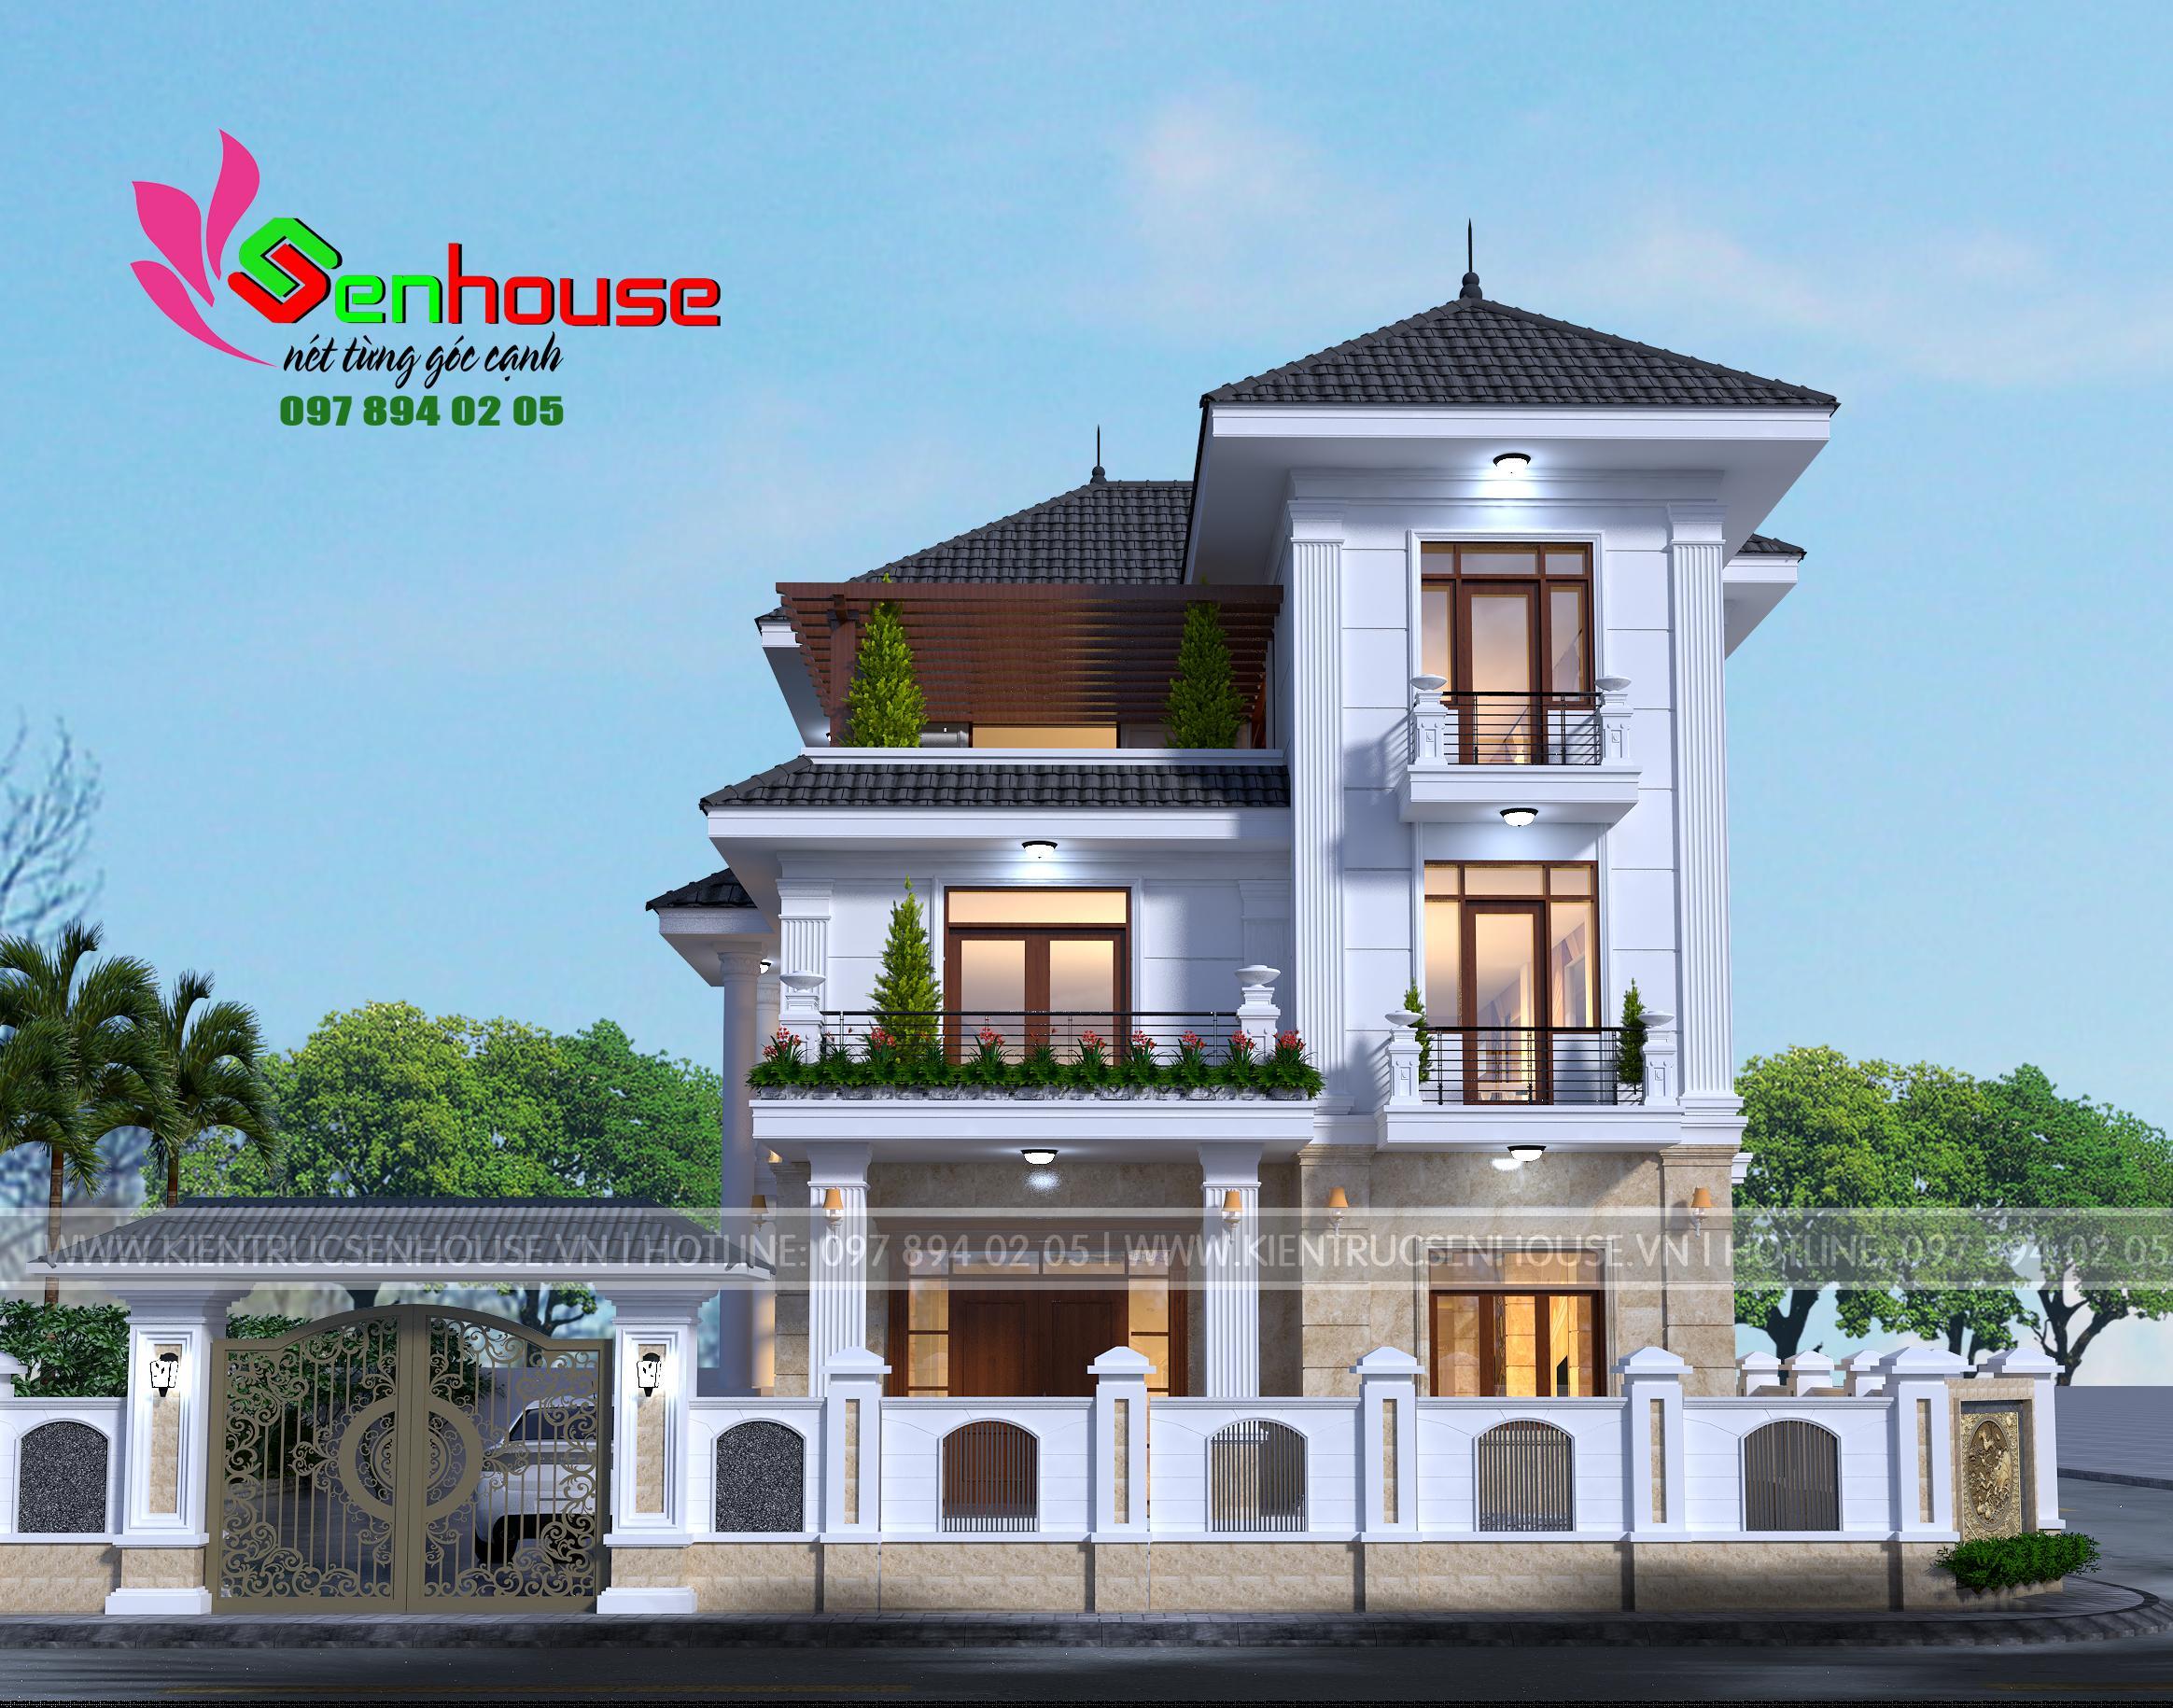 Thiết kế nhà 3 tầng theo phong cách hiện đại cho gia đình anh Thanh